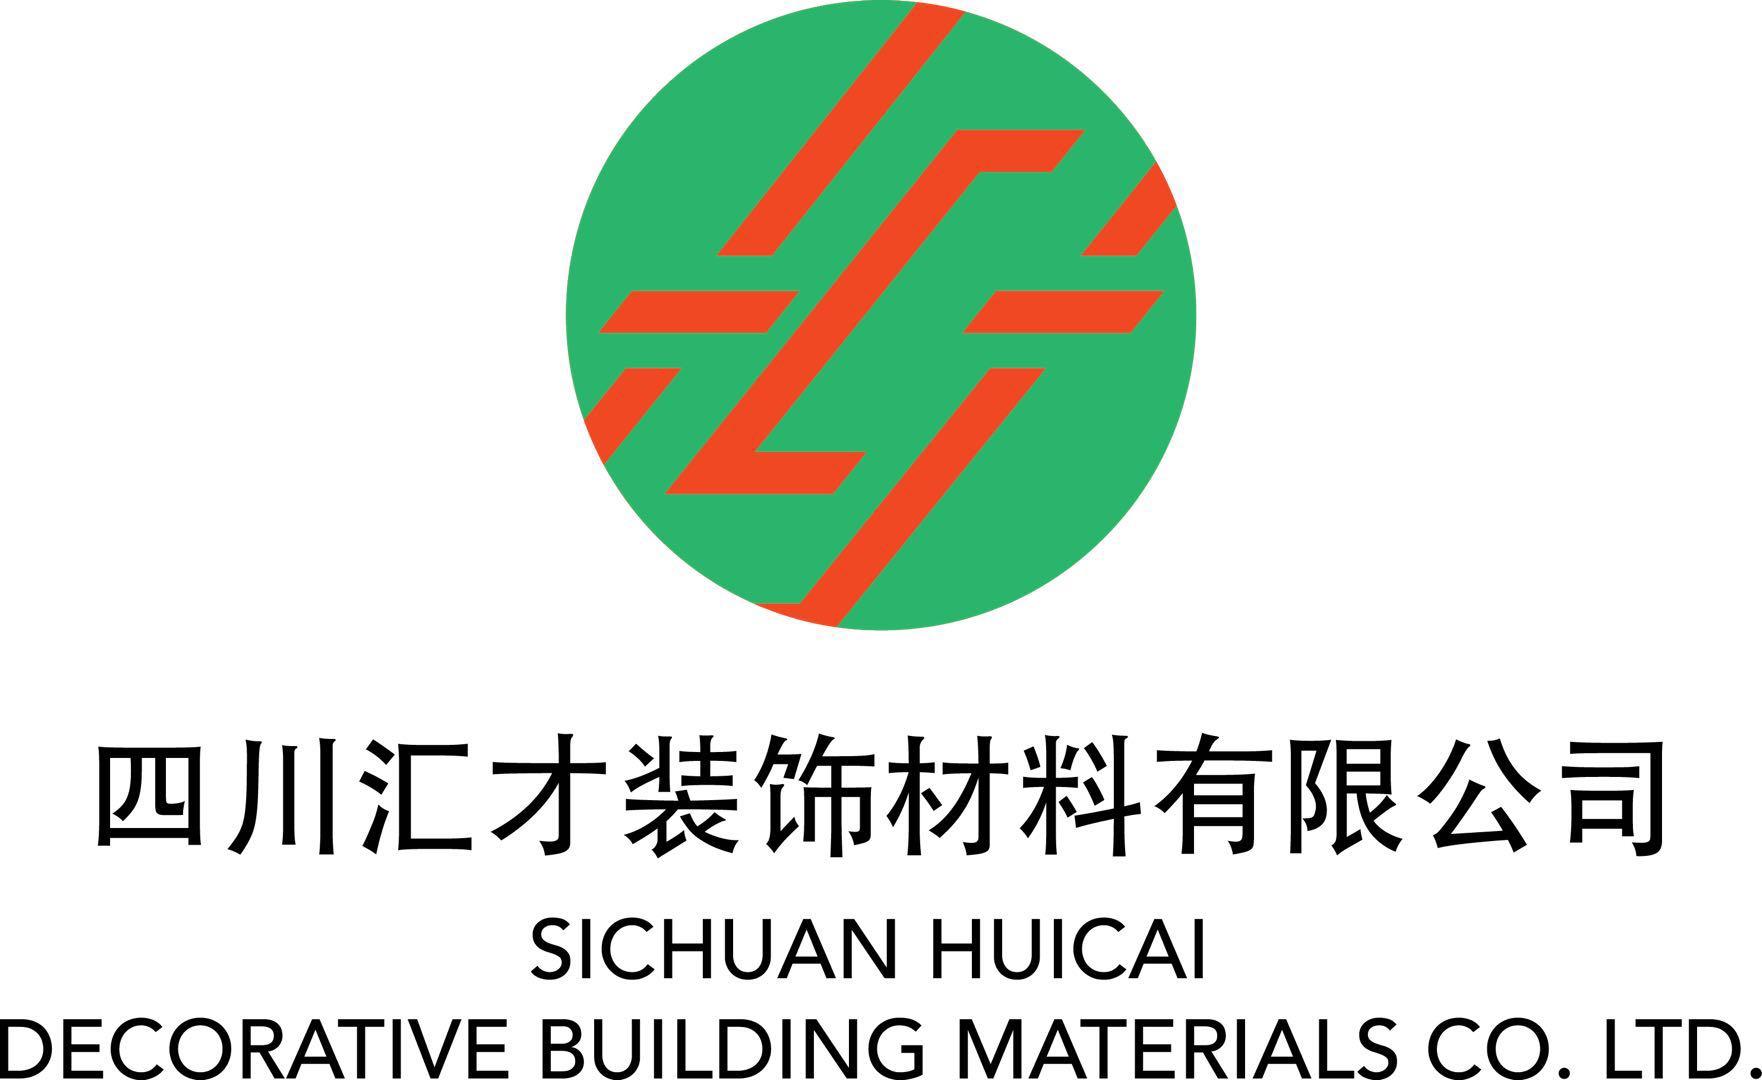 汇才幕墙材料_ 幕墙材料厂家直销相关-四川汇才装饰材料有限公司